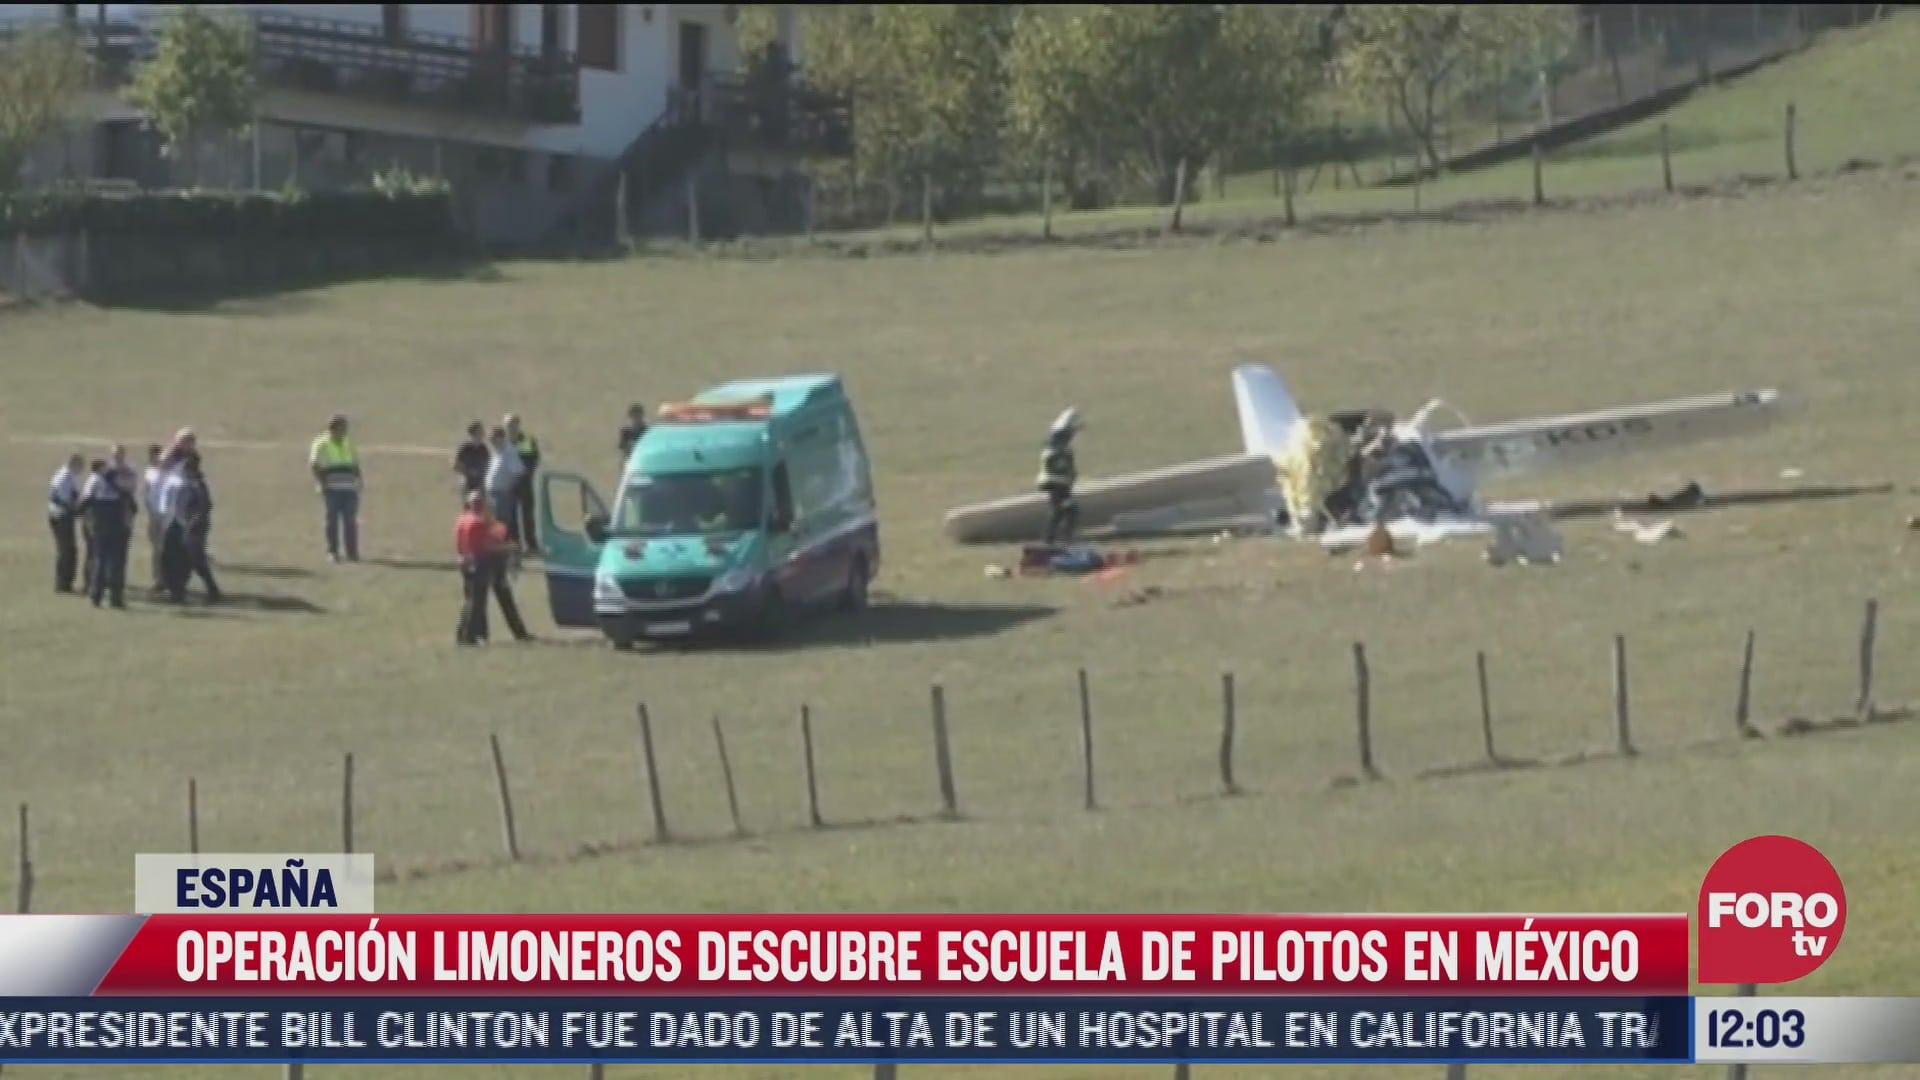 detienen a 41 personas con operacion limonero en espana